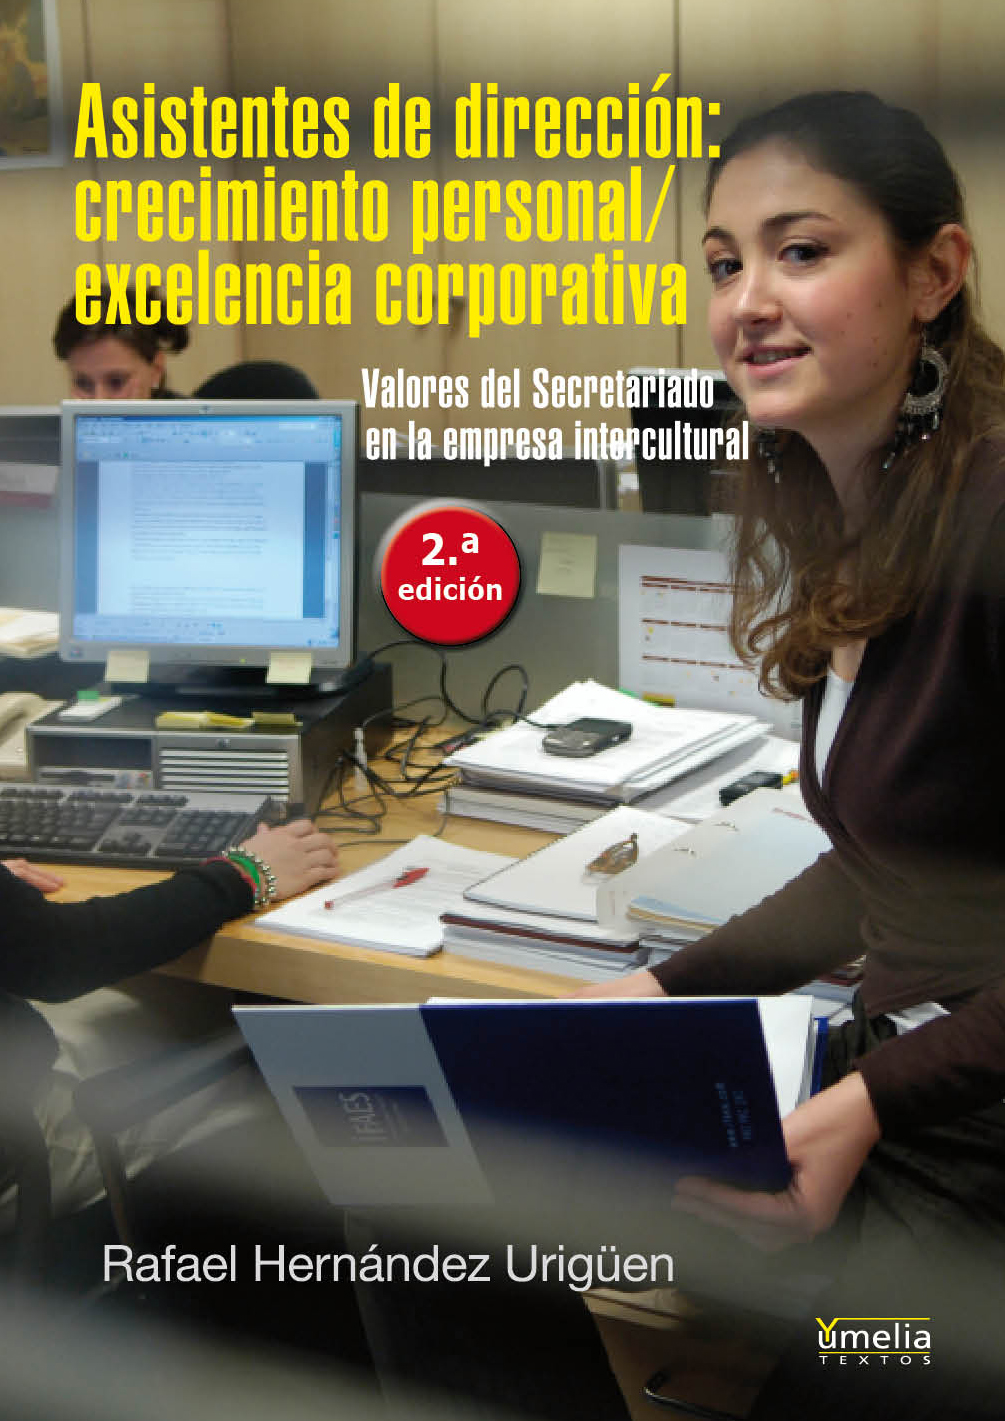 Asistentes de dirección: Crecimiento personal / Excelencia corporativa